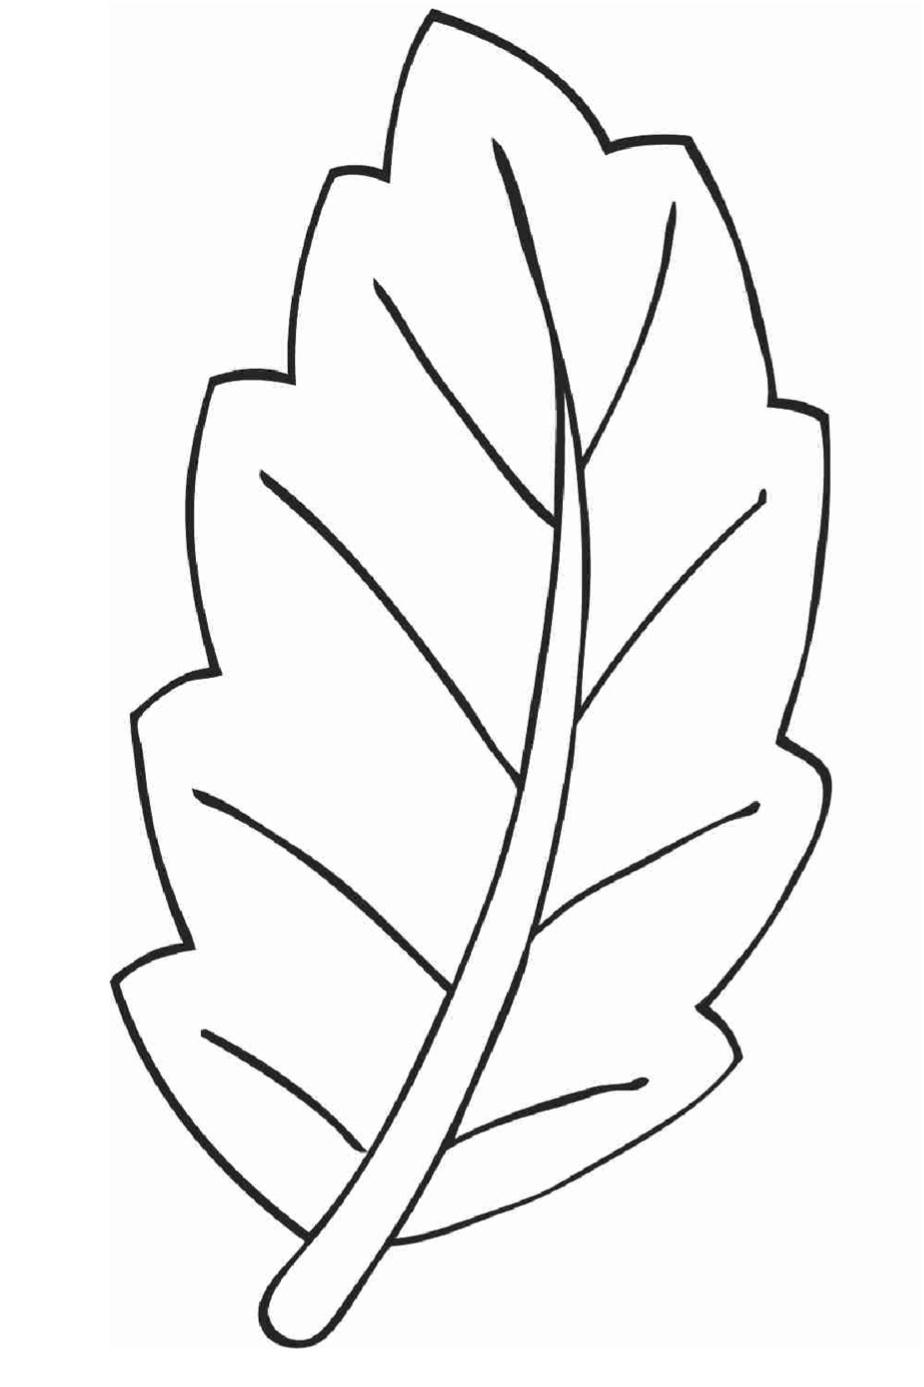 Jocuri Pentru Copii Mari şi Mici Planse De Colorat Cu Frunze